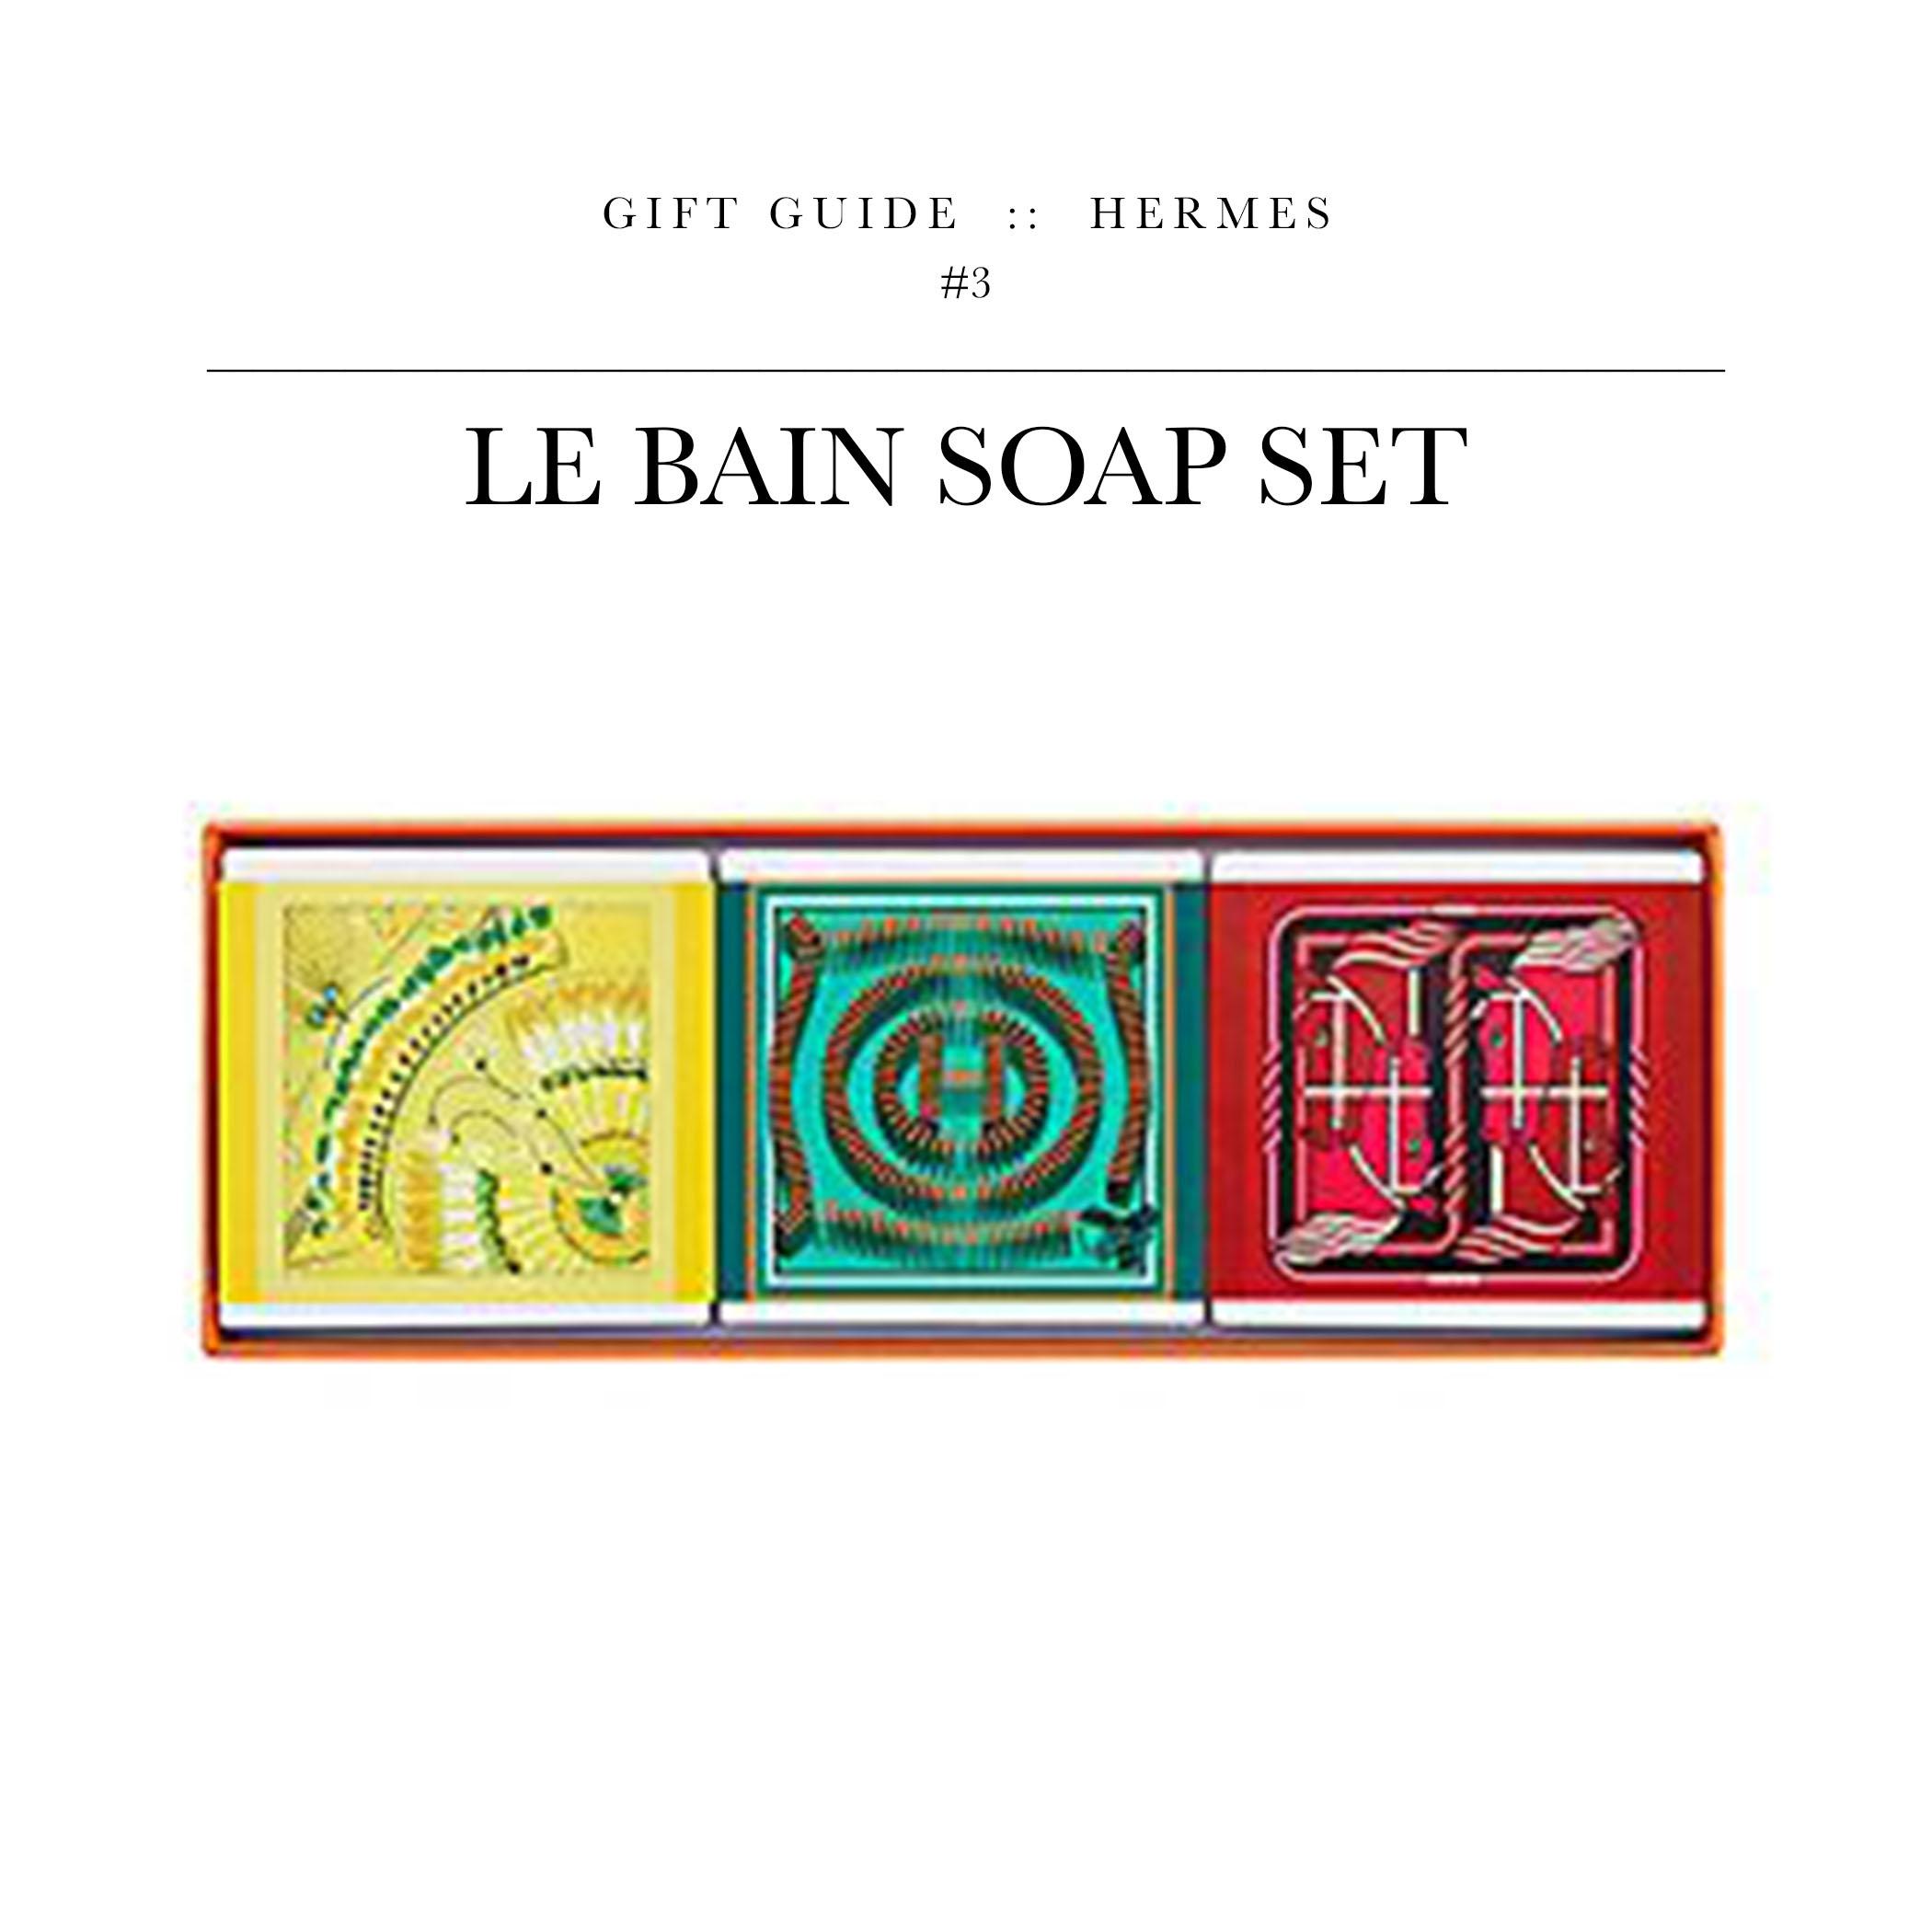 Le Bain Soap Set  via Hermès //Forget Dial. These soap set features three top fragrances.